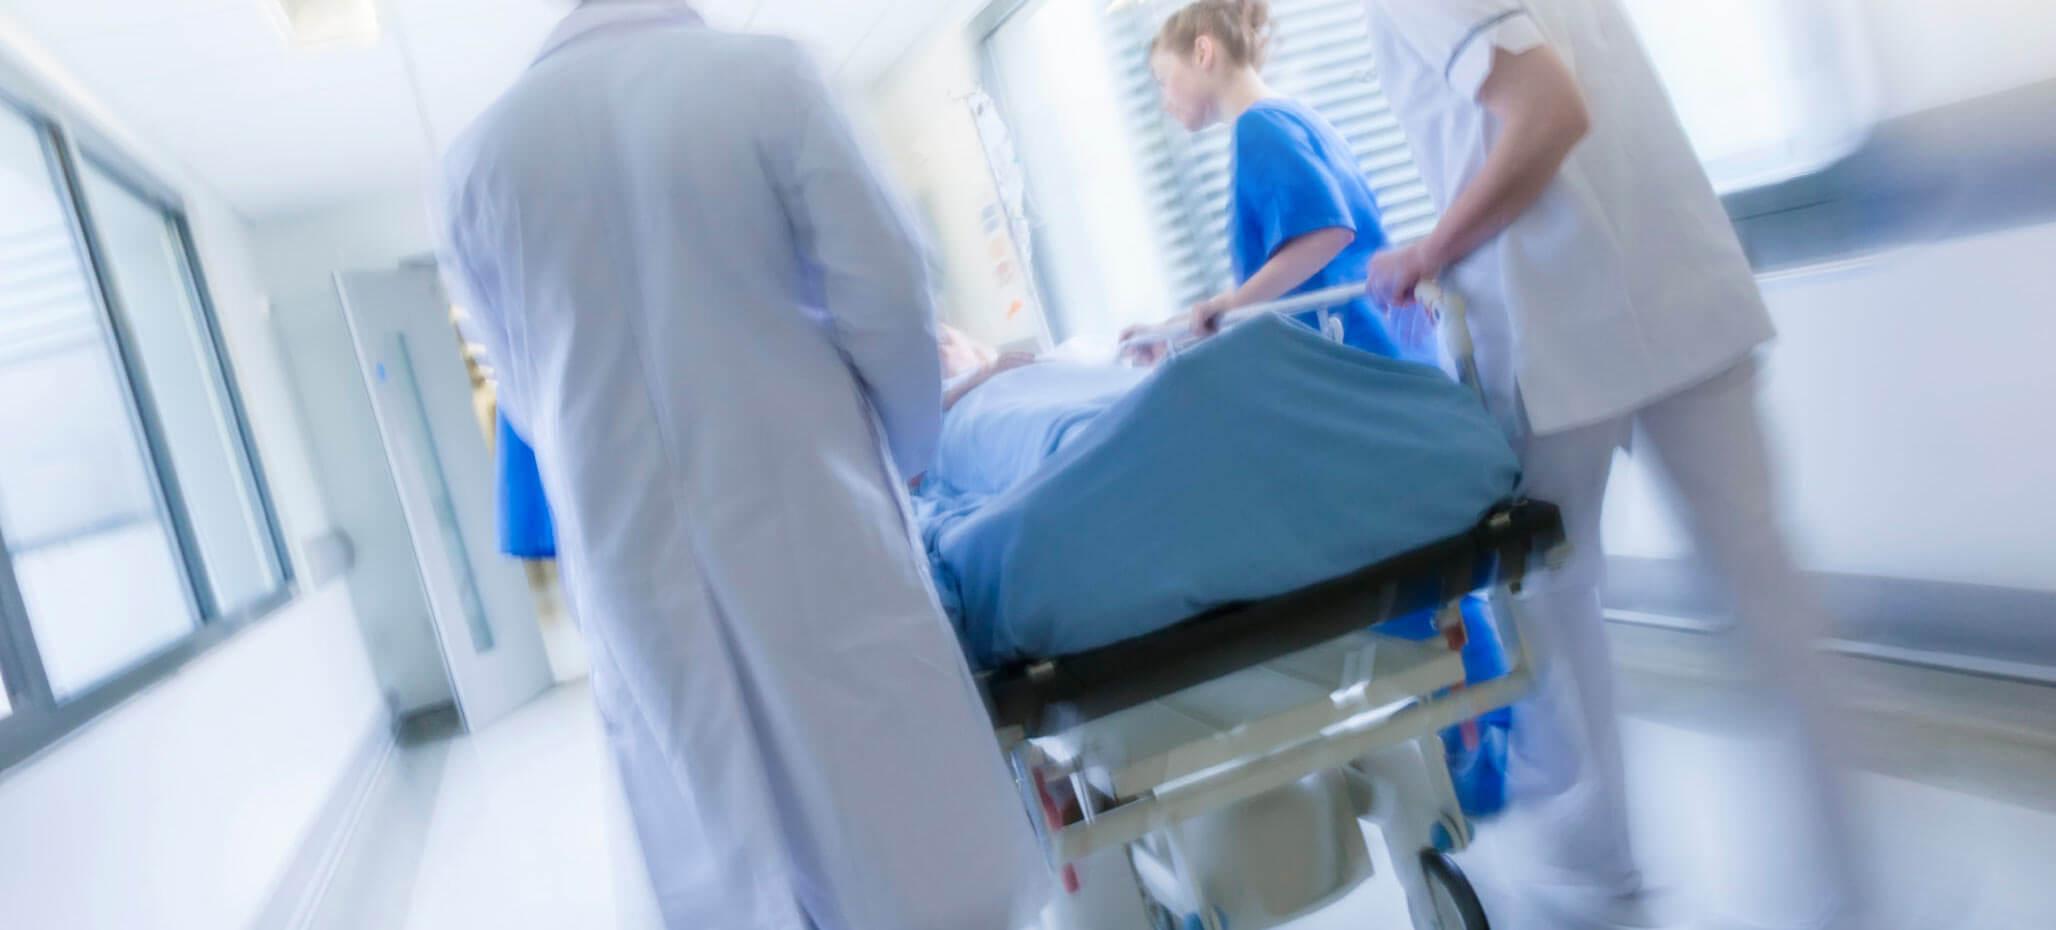 Curso de Instructor en Seguridad del Paciente para para Urgencias y Emergencias